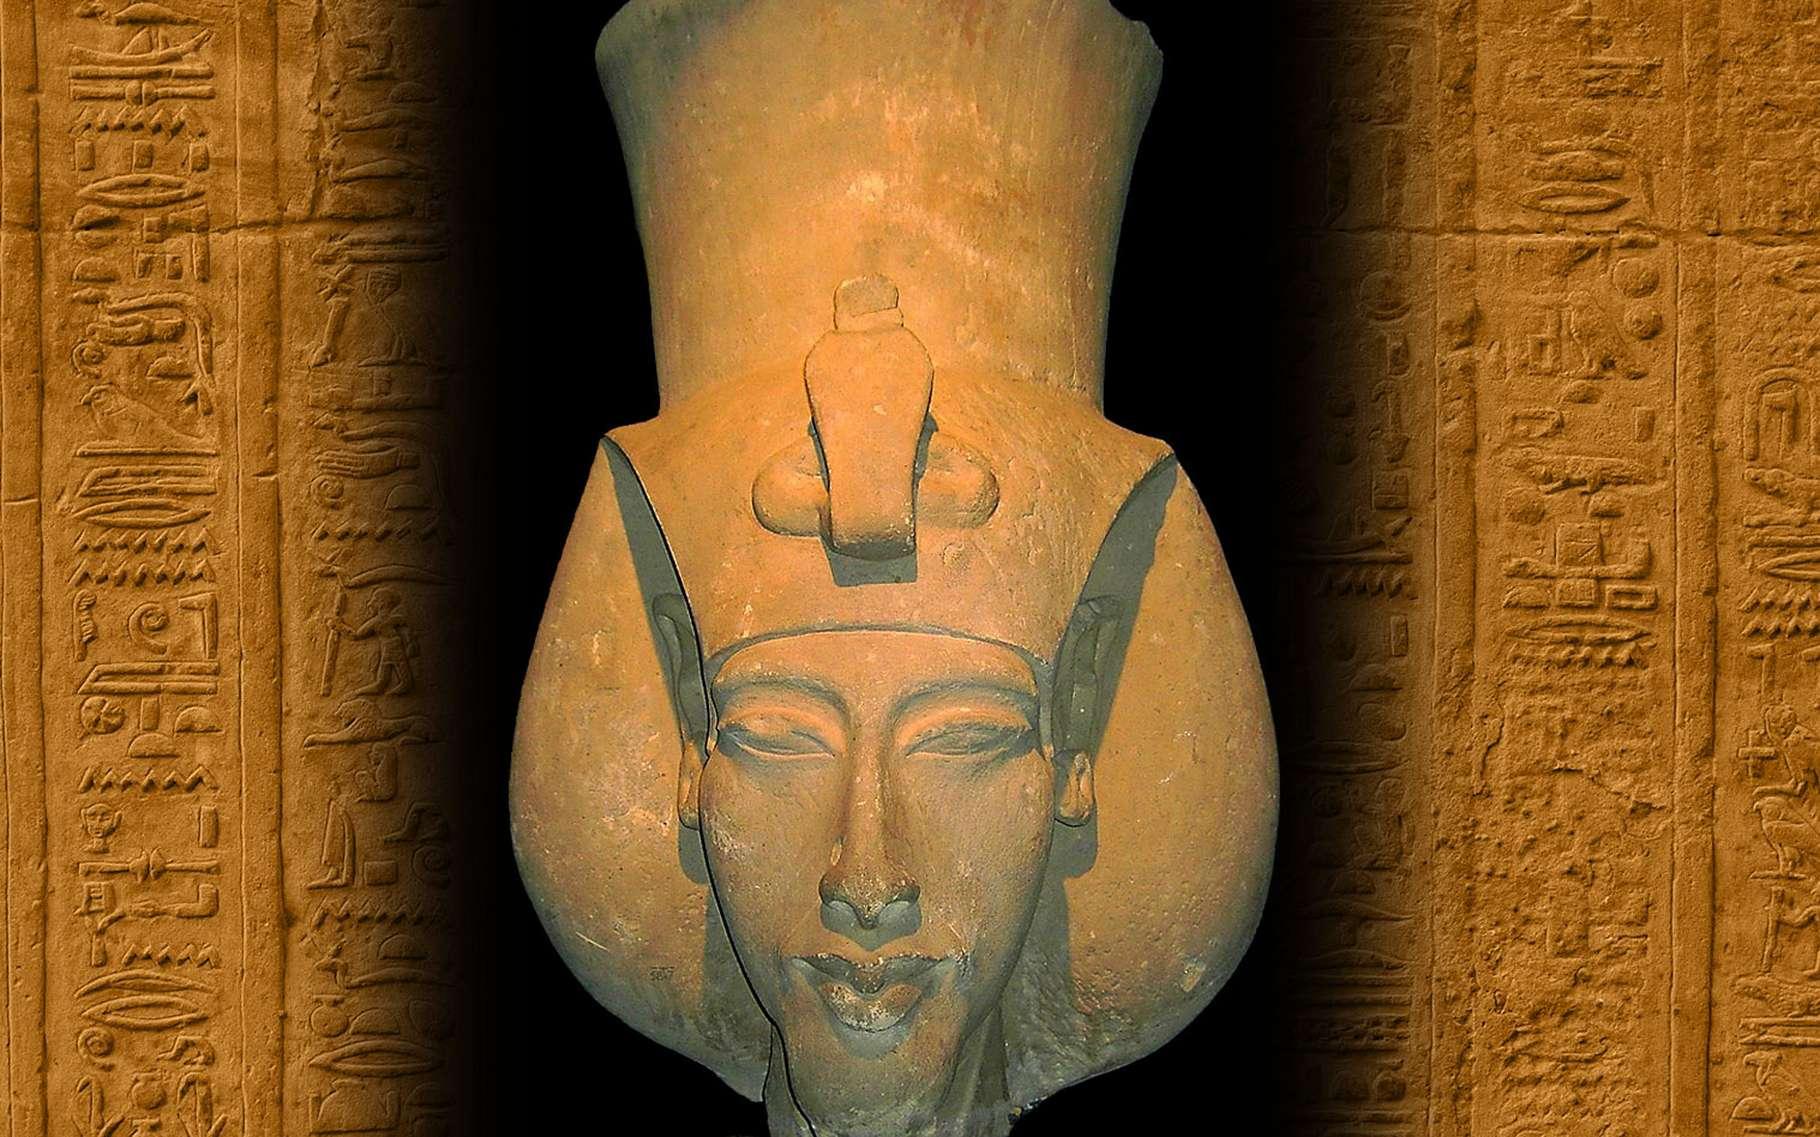 Le pharaon Akhenaton, fils d'Amenophis III, a voulu imposer le culte d'un dieu unique, Aton. © DR